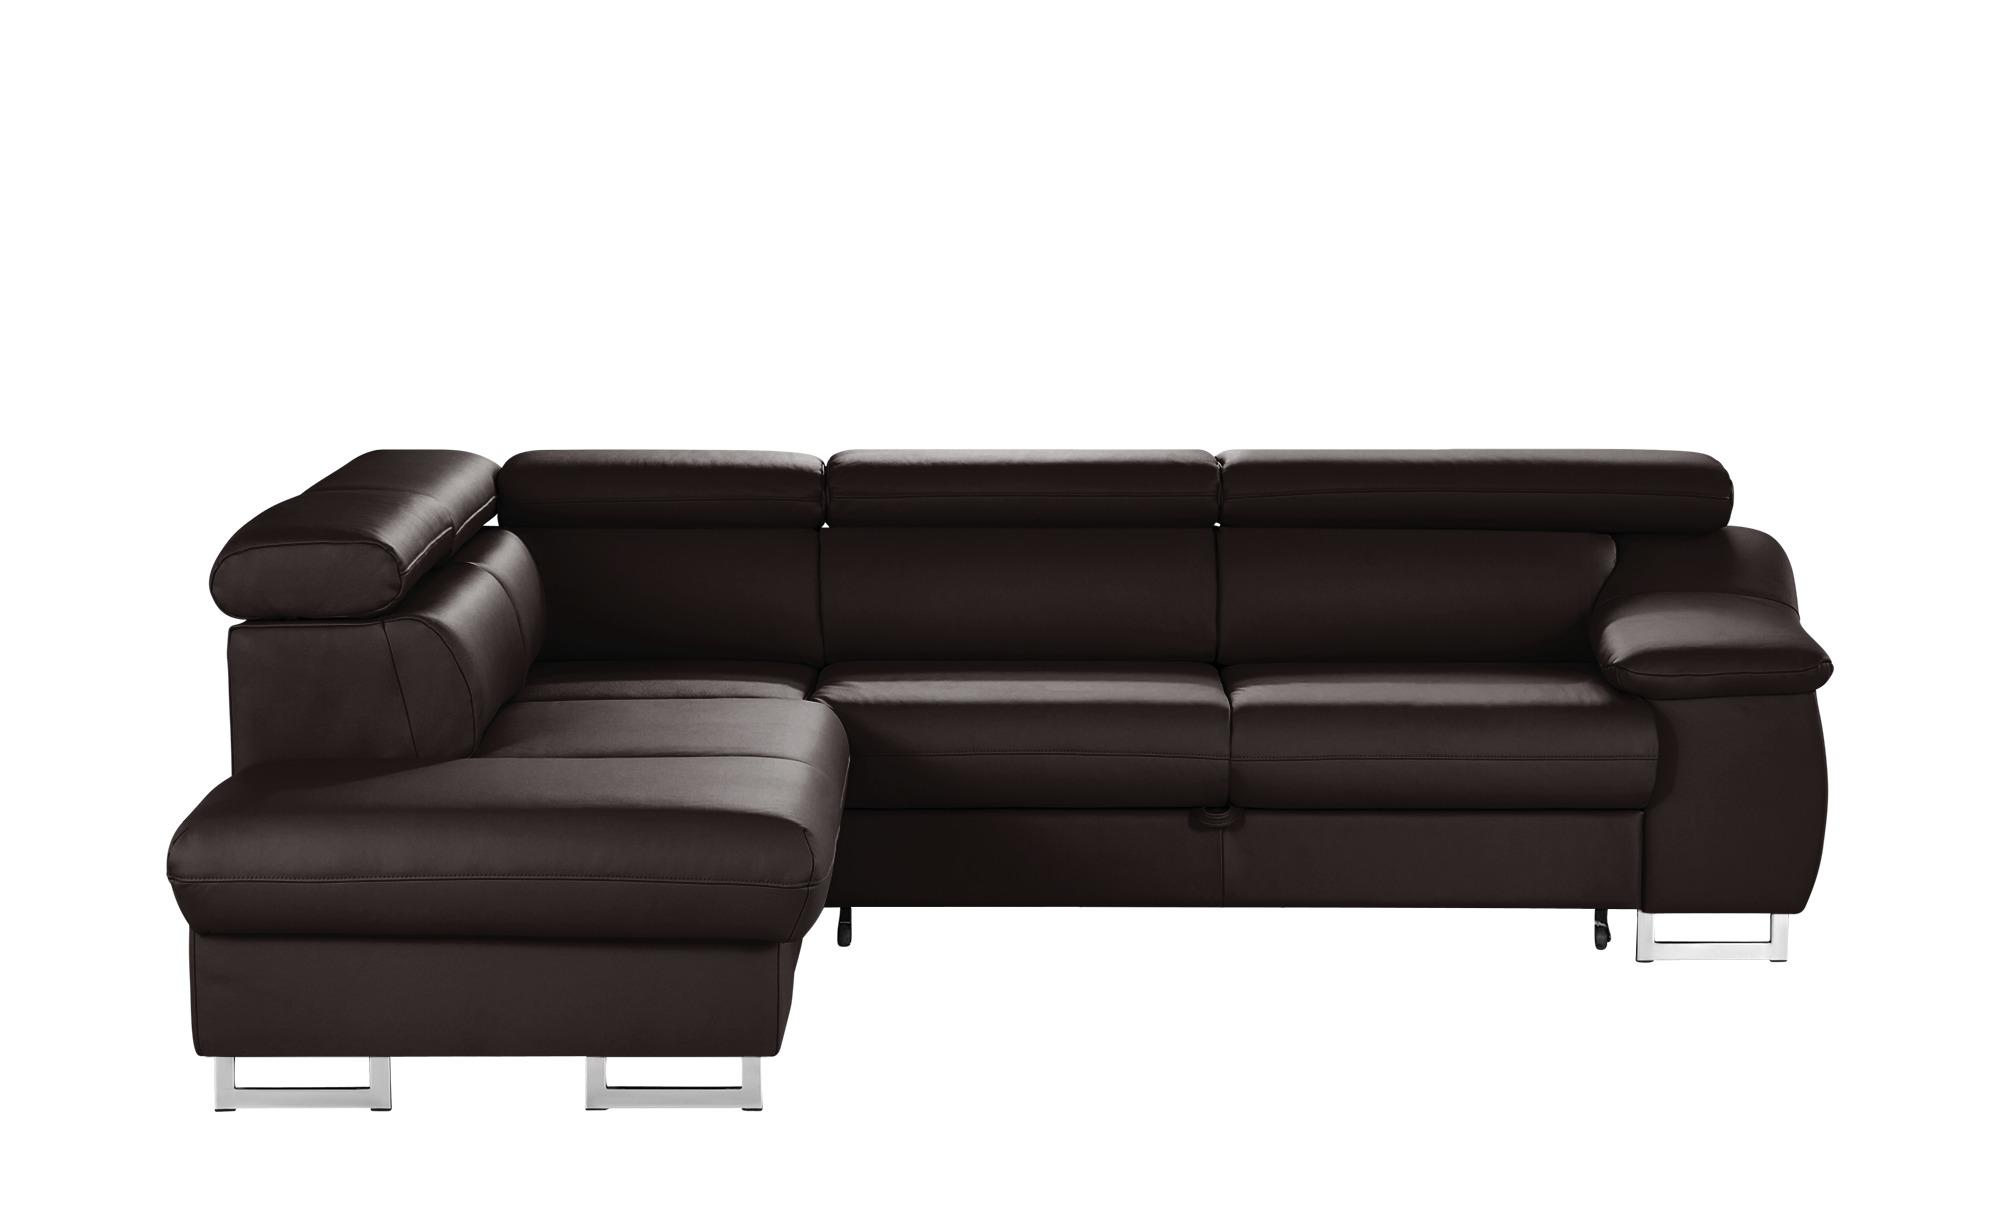 uno leder ecksofa liberty breite h he 81 cm braun online kaufen bei woonio. Black Bedroom Furniture Sets. Home Design Ideas